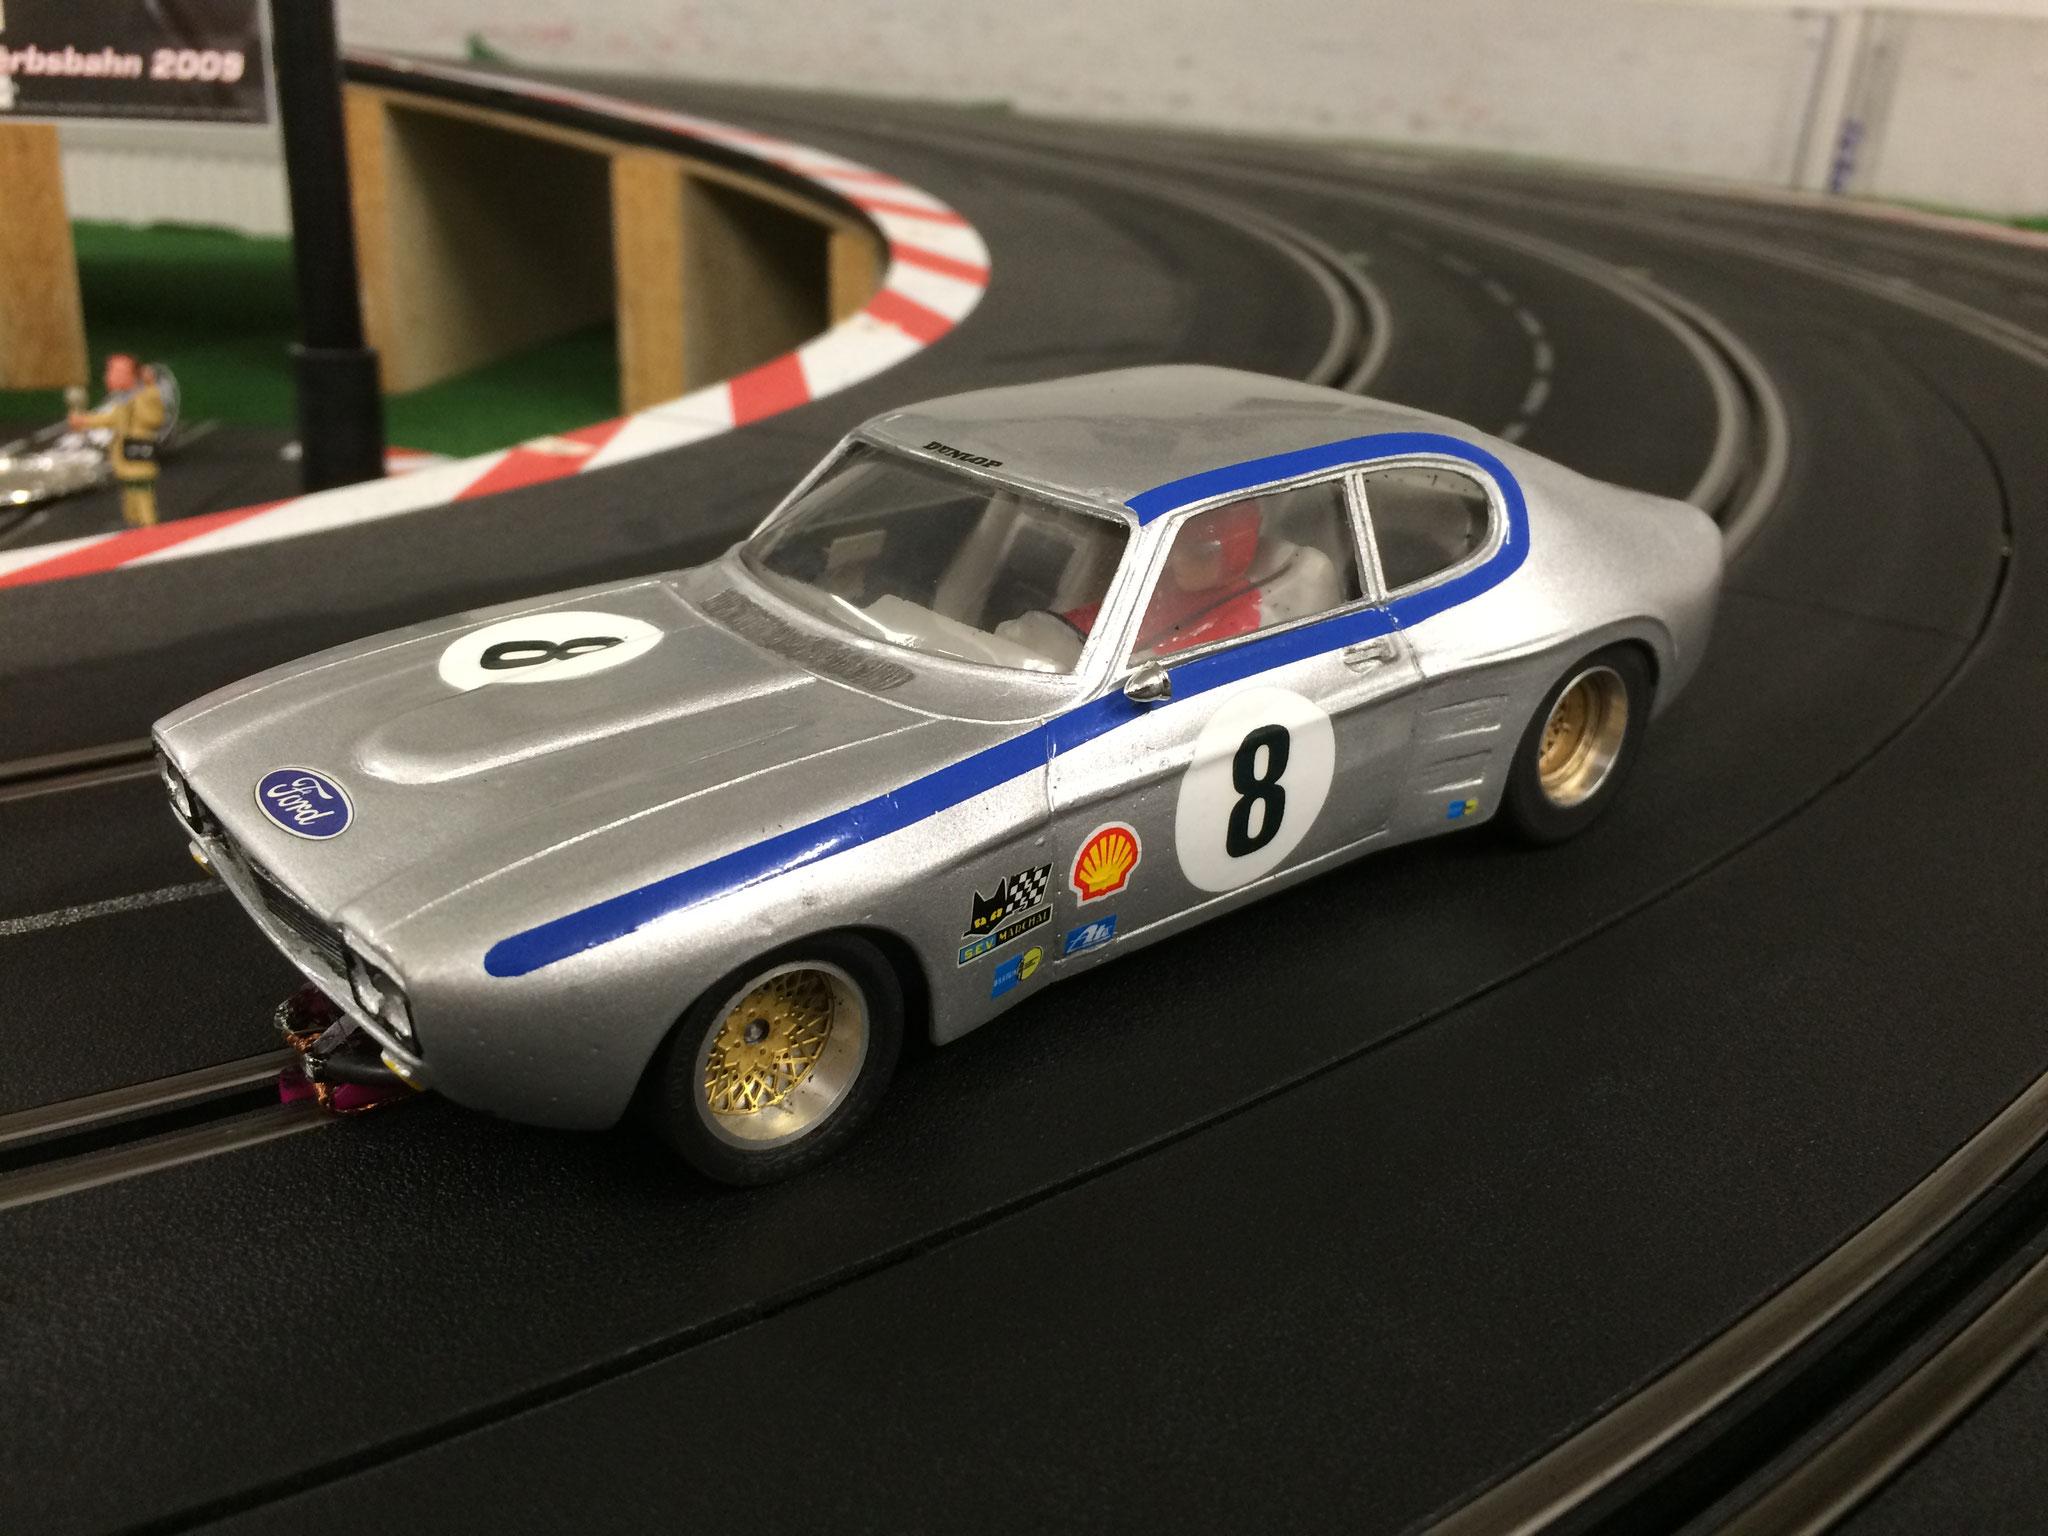 Sammy´s Ford Capri I - Der schnellste Gruppe 2 Renner!